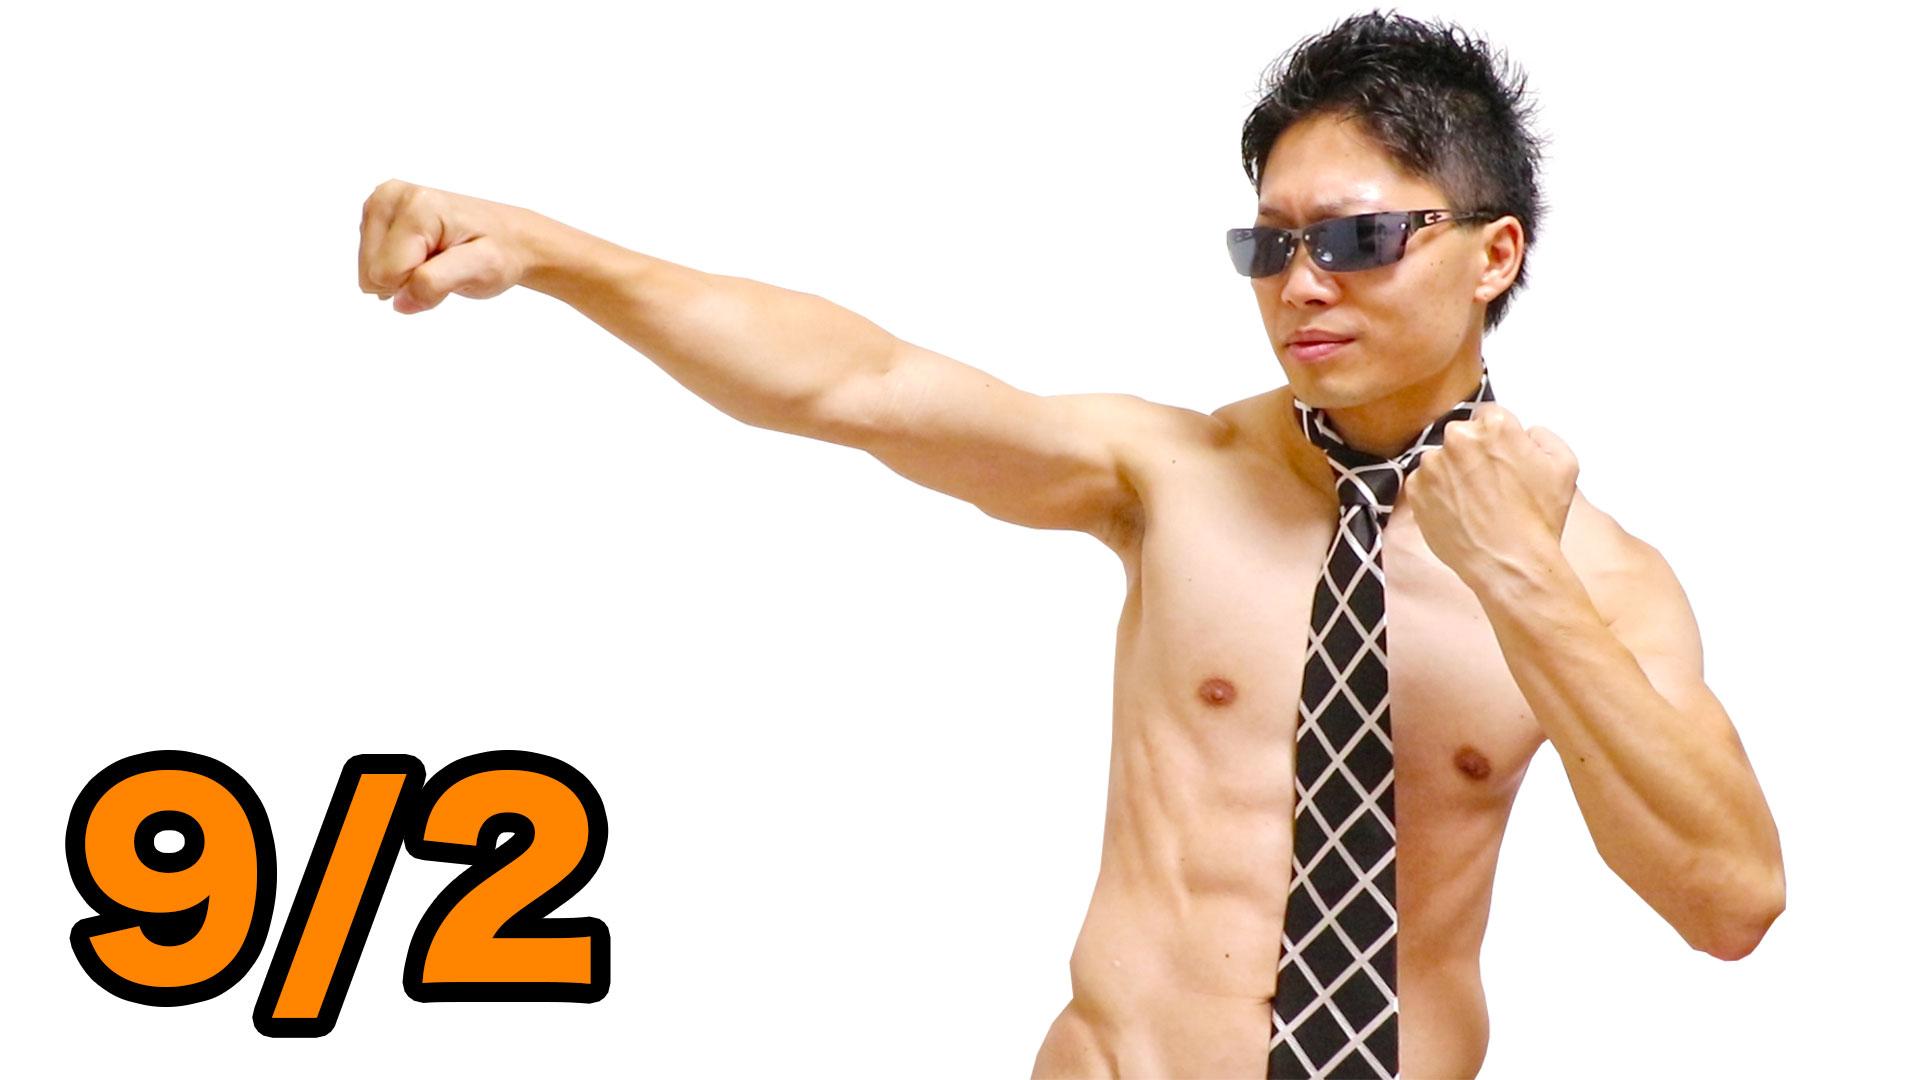 【ハロウィン筋トレ】9/2の腹筋を割る運動メニュー!